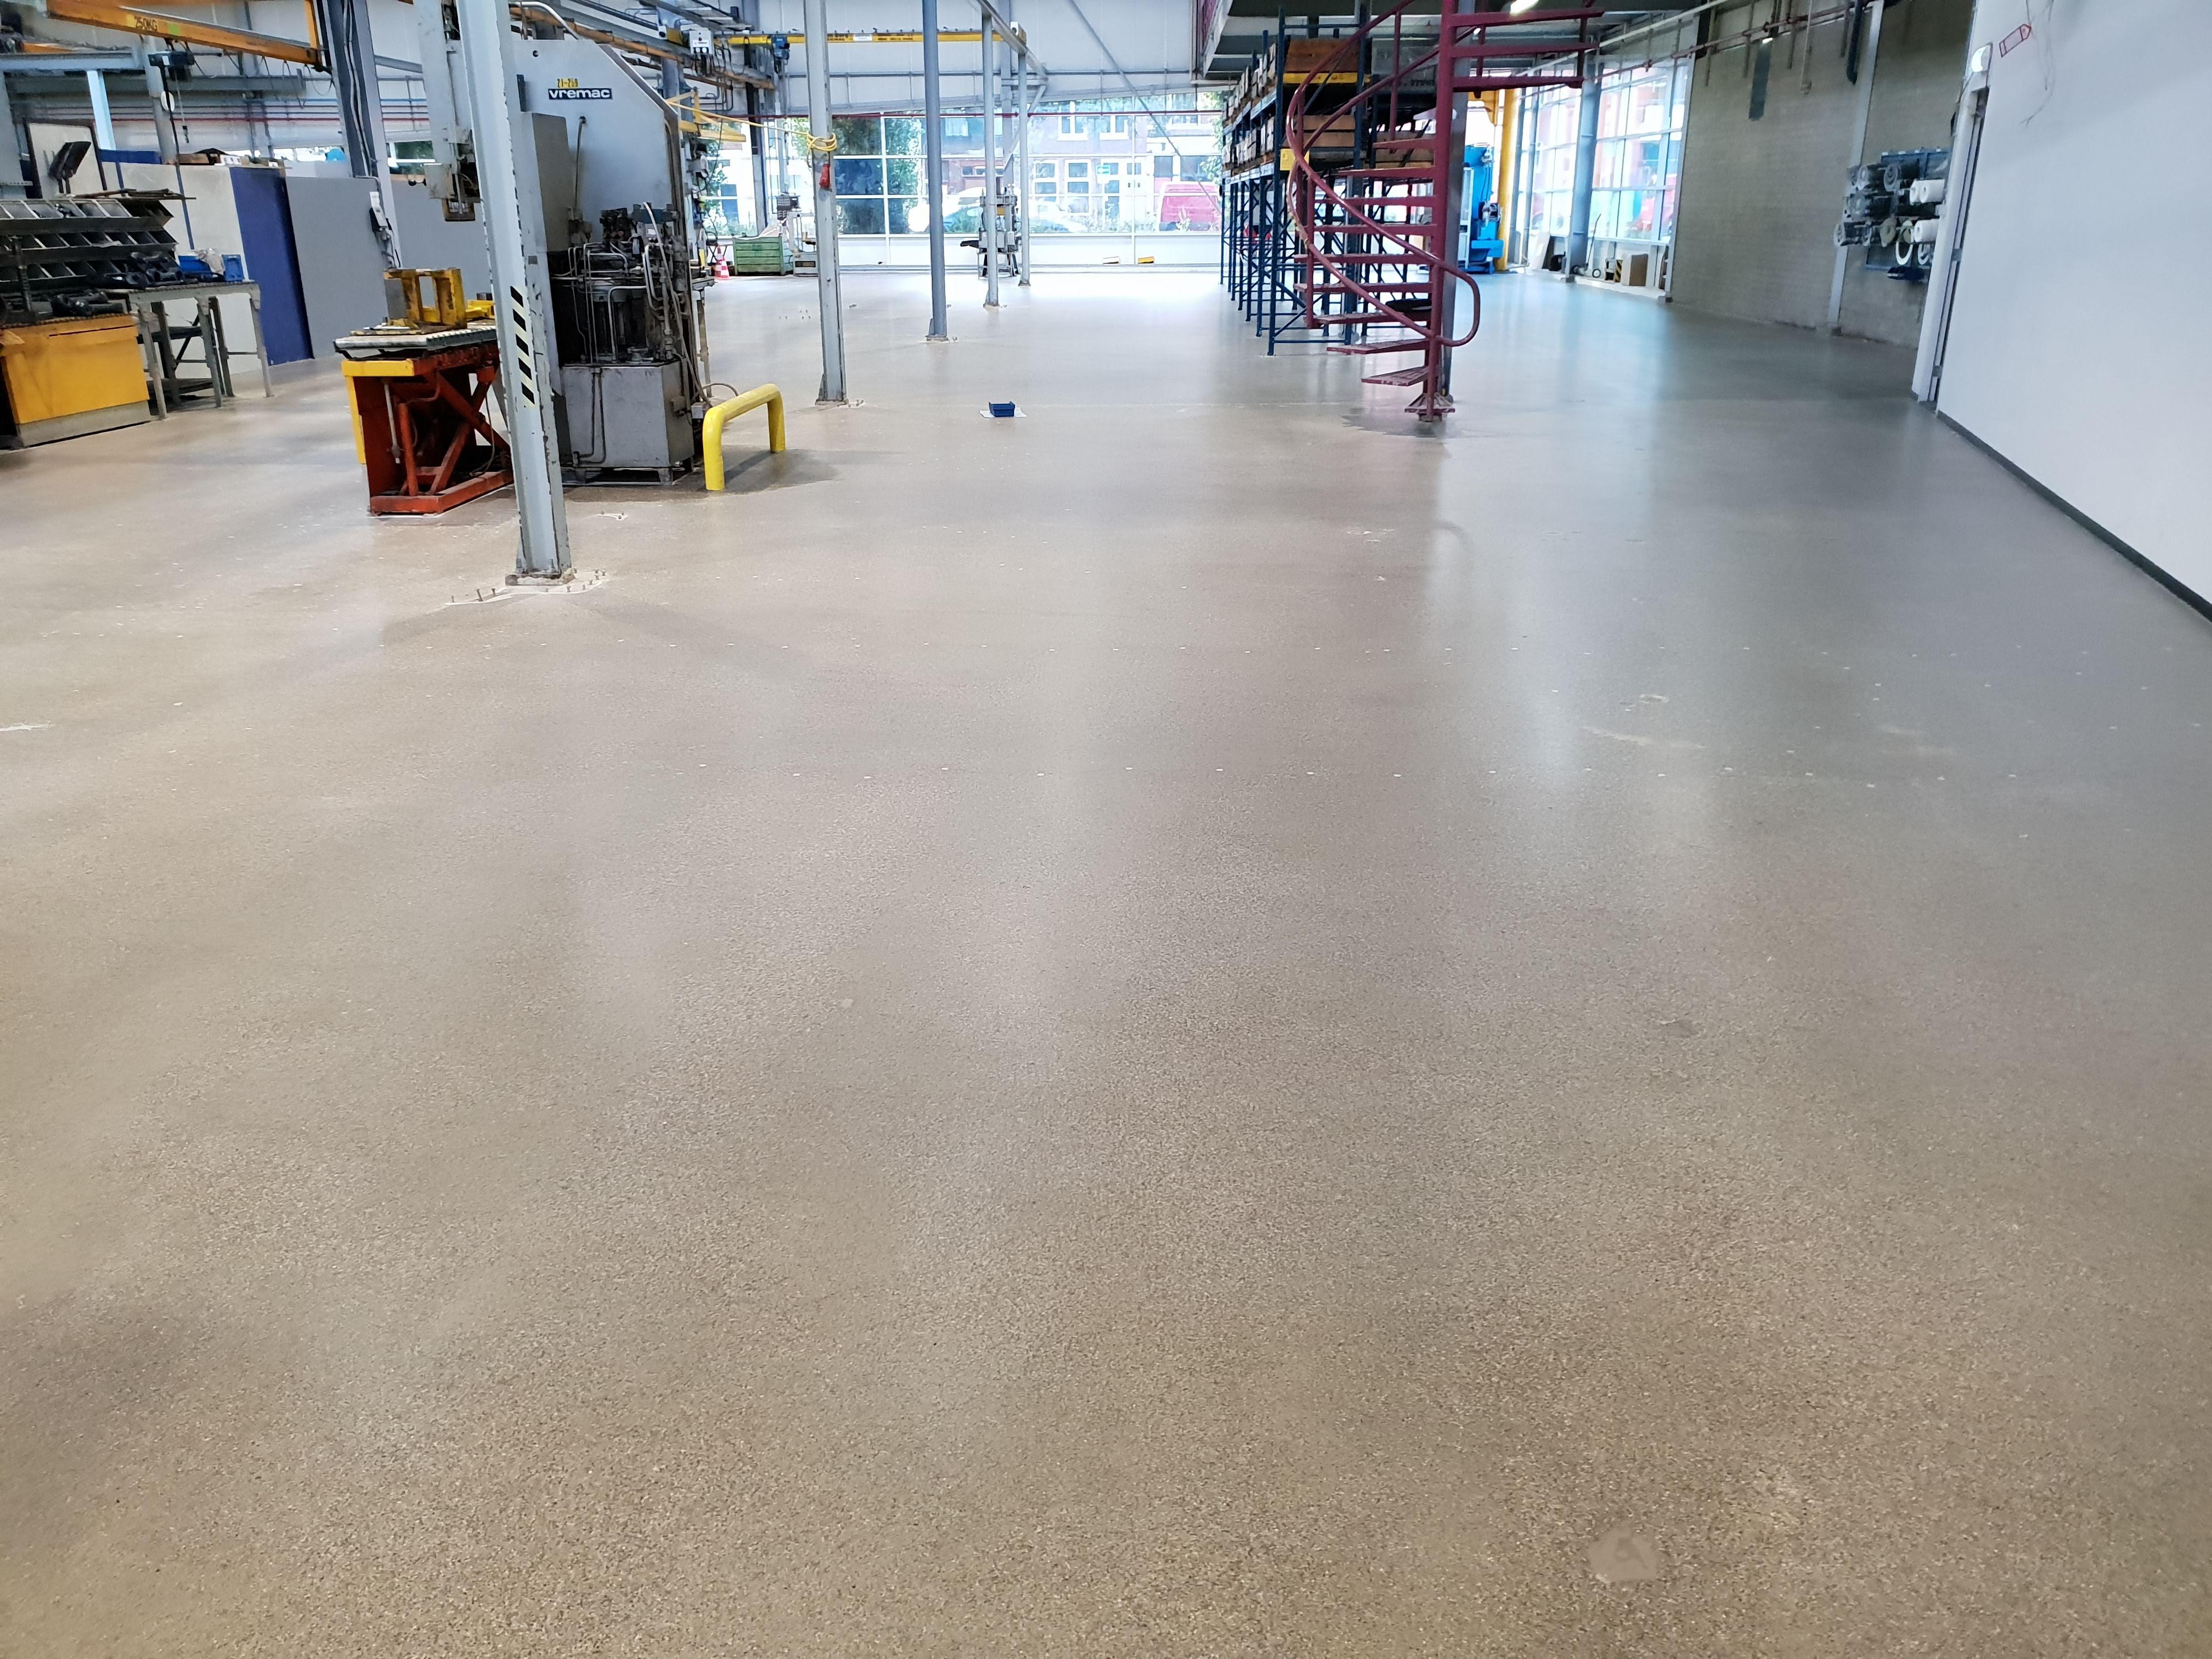 Transformatie 6000 m2 Betonvloer met kunststof gietvloer naar Gepolijst Beton